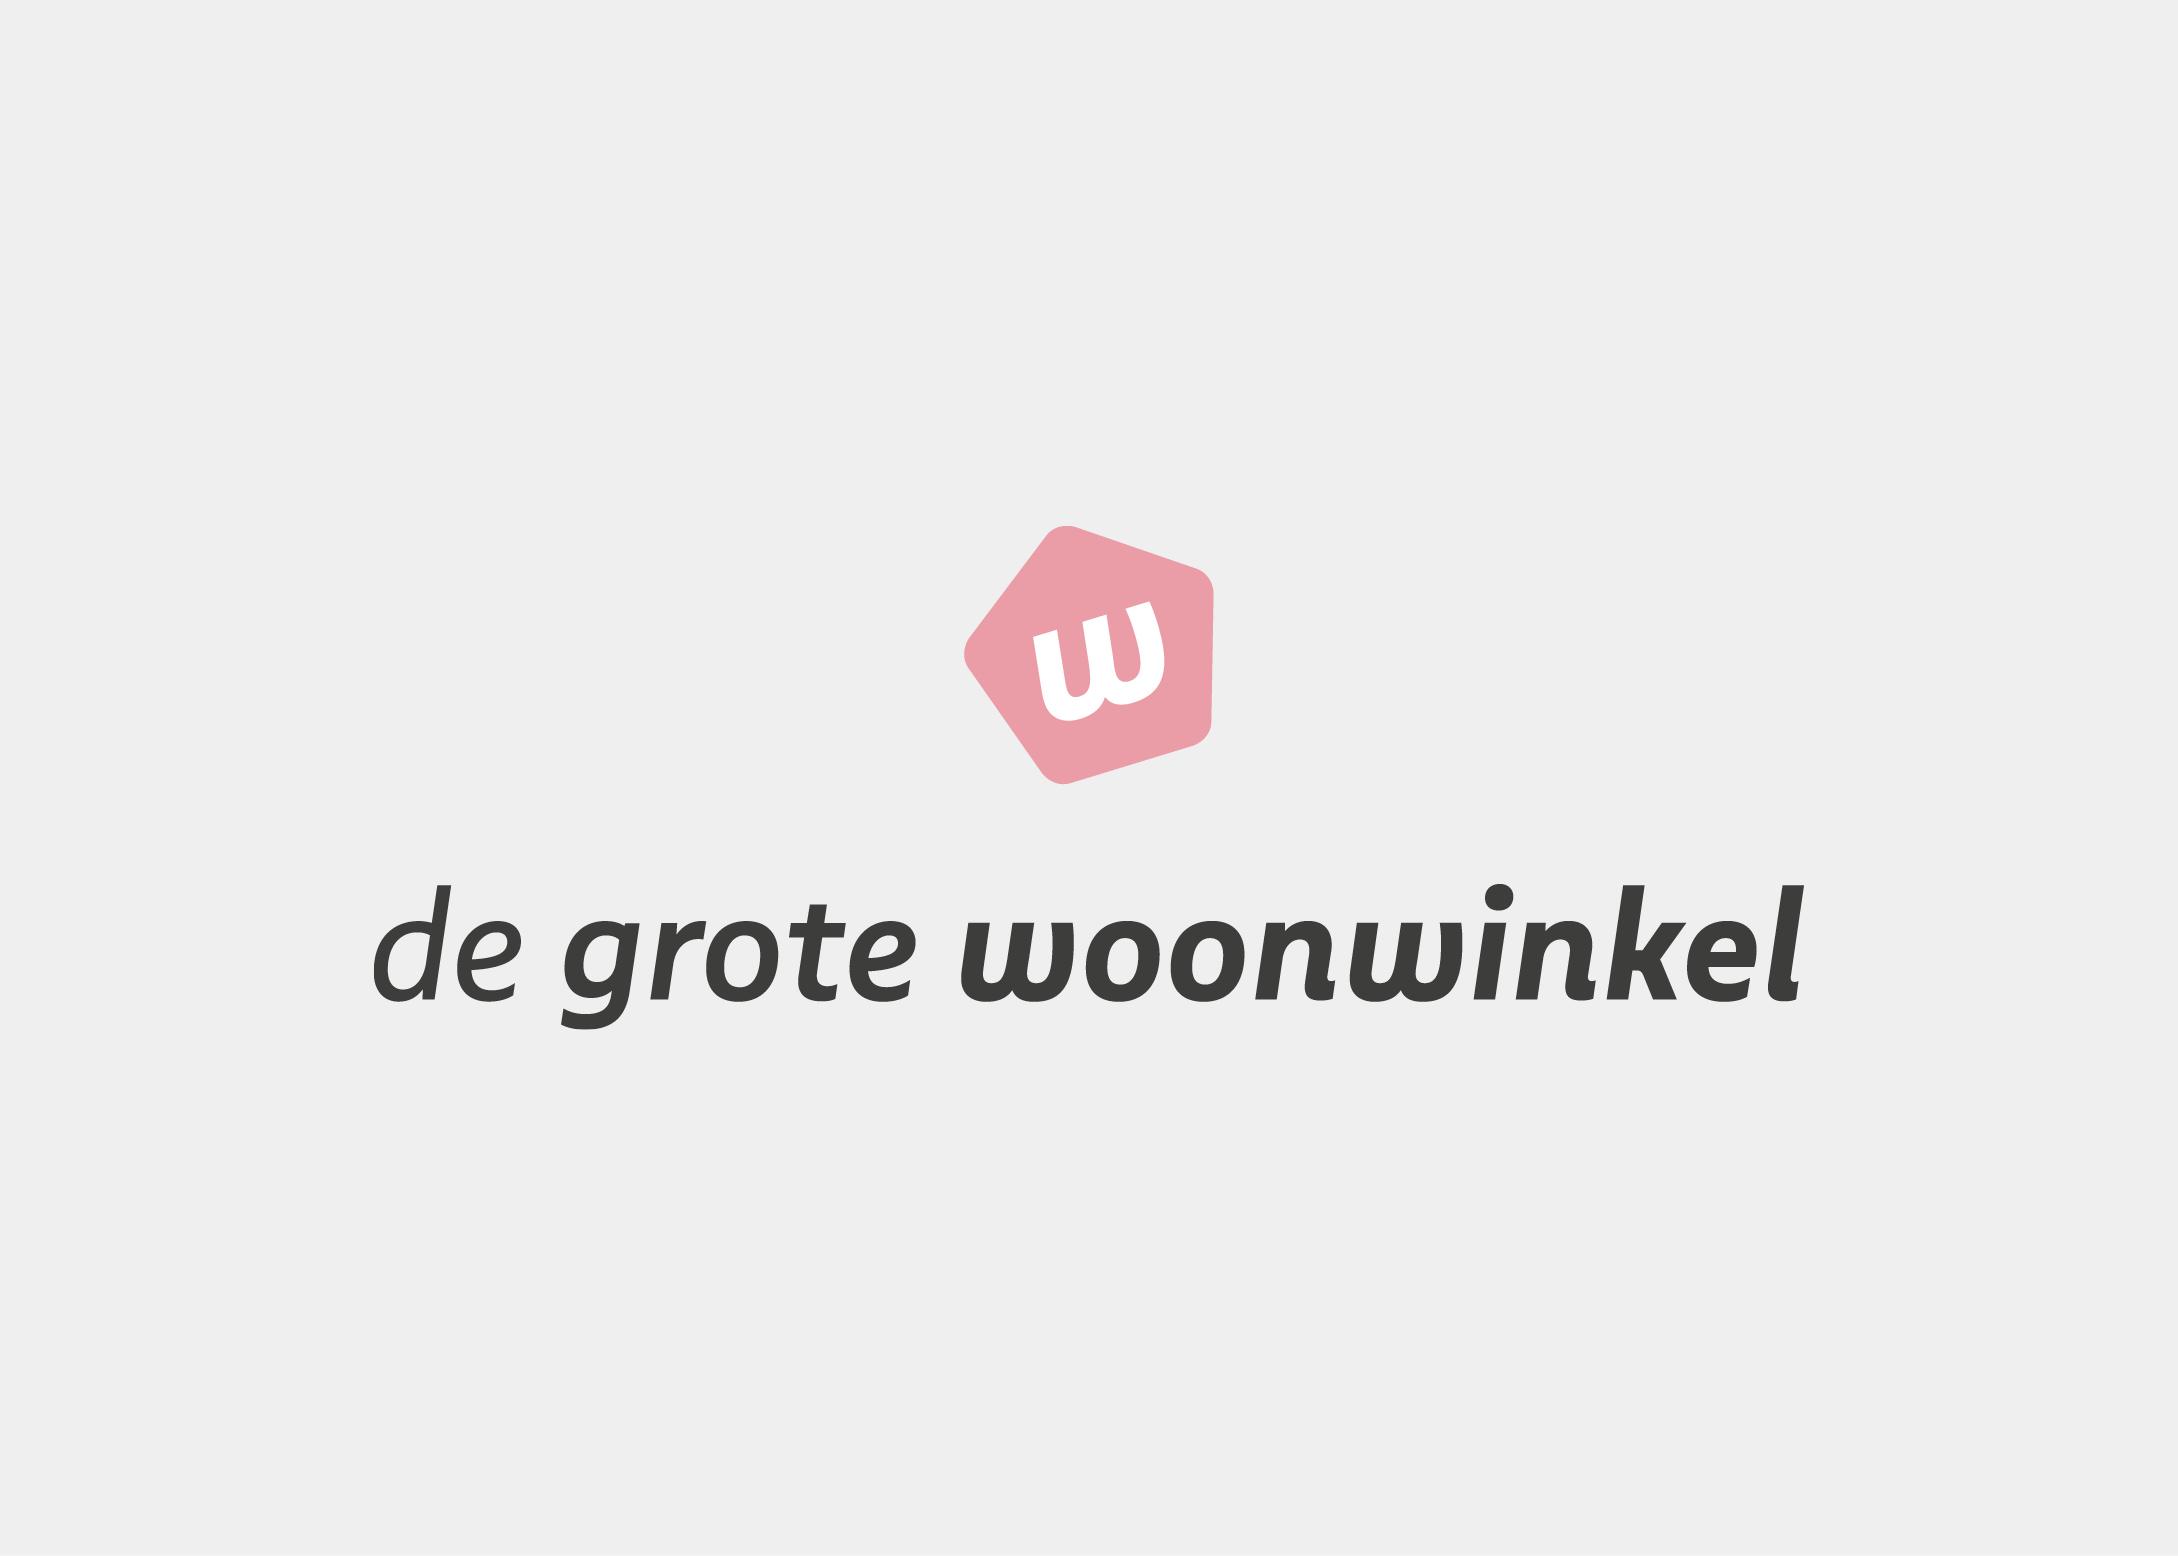 Logo laten ontwerpen Burowit Kampen Thirza Bakker David van der Toorn